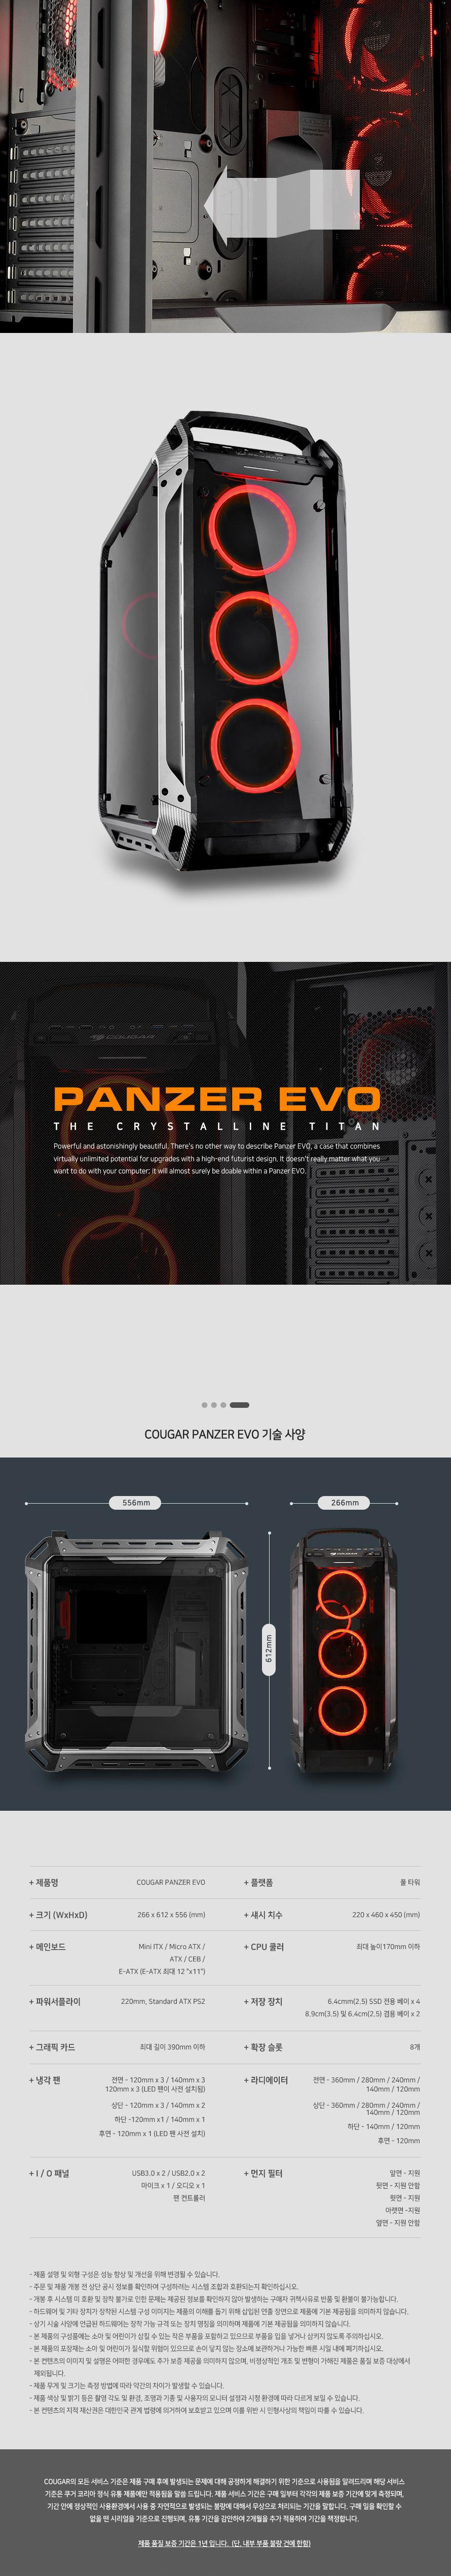 PANZER_EVO_4_5084.jpg